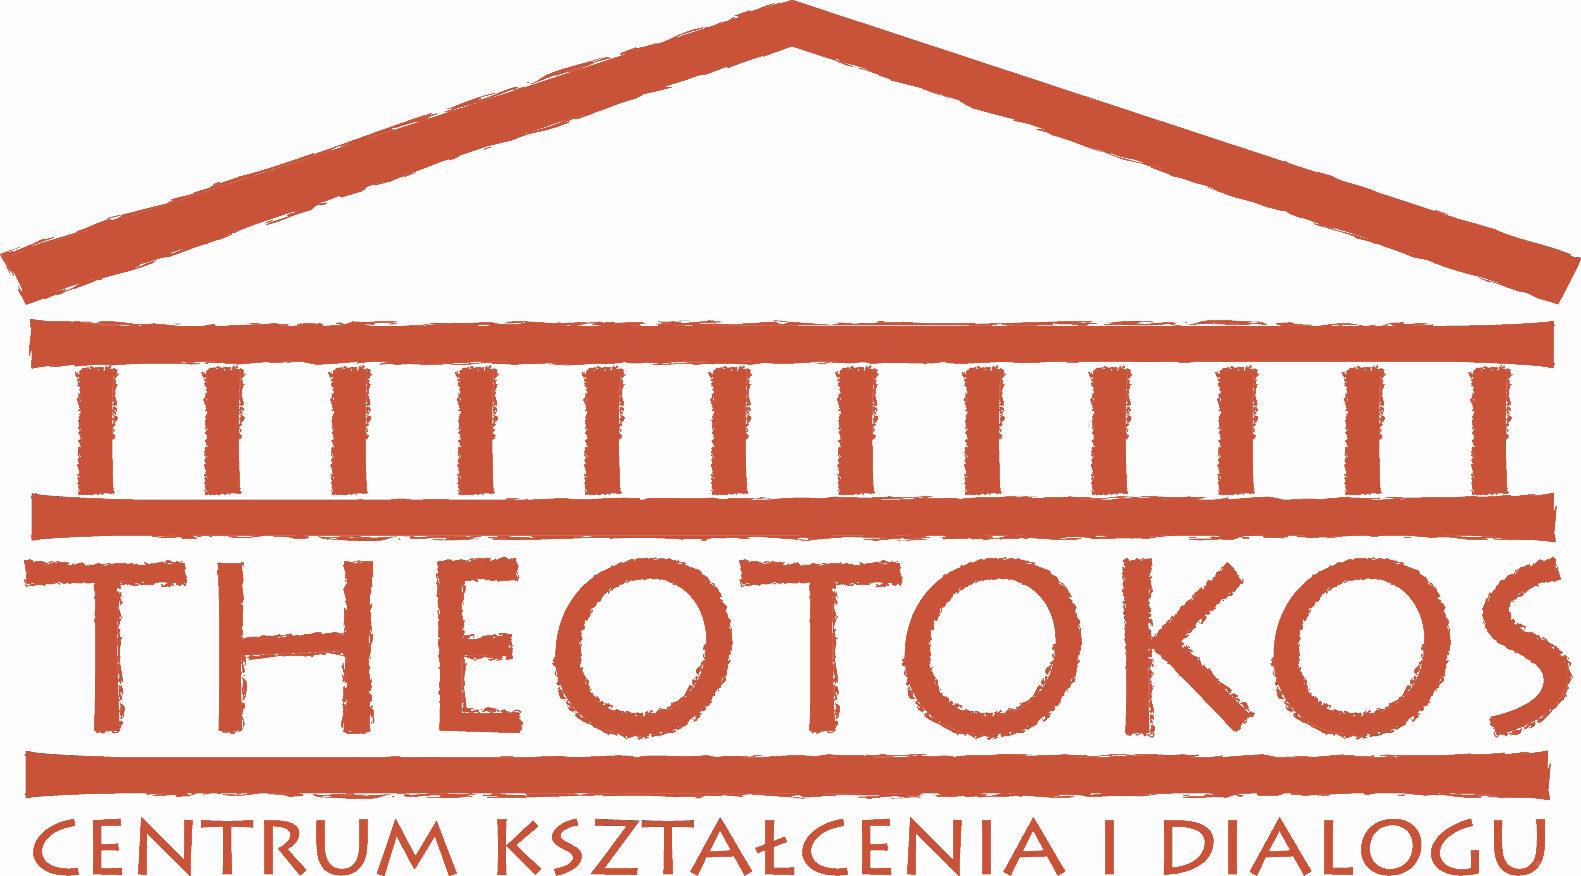 cropped-LOGOTYP_THEOTOKOS-brown.jpg